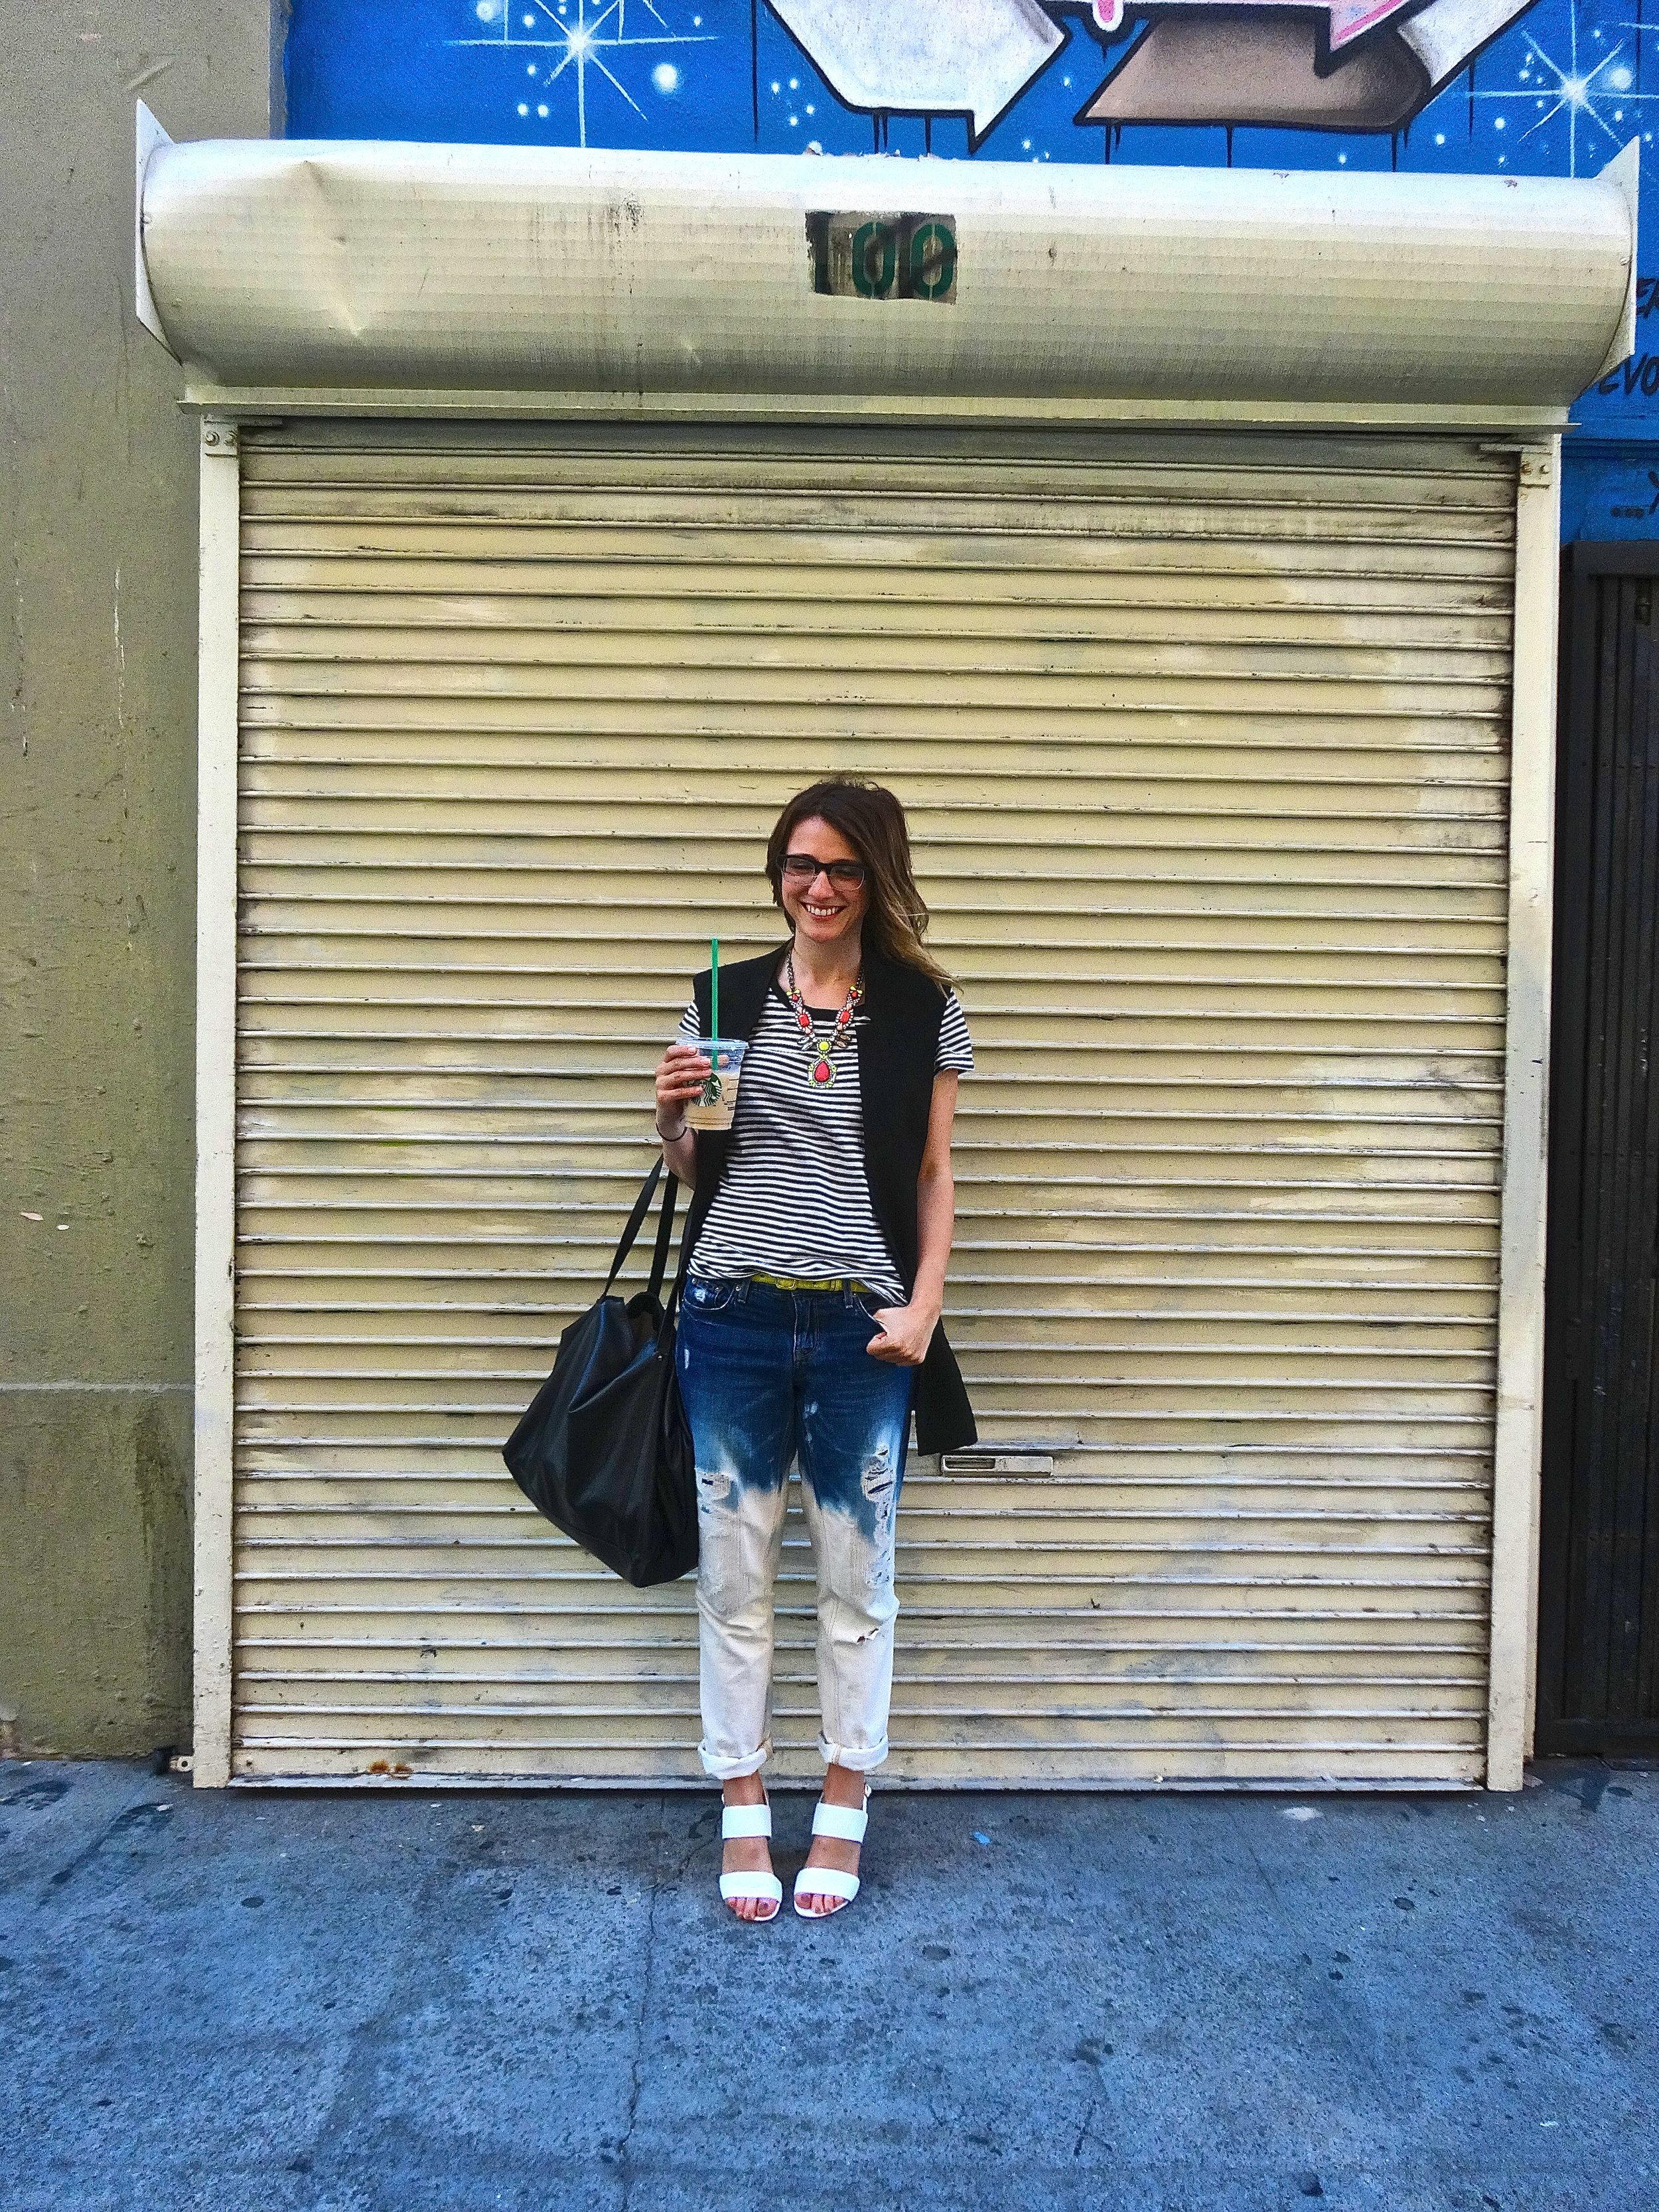 Shirt: Gap | Vest: F21 | Jeans: J.Crew via Crossroads Trading | Shoes: ShoeMint | Necklace: Unknown